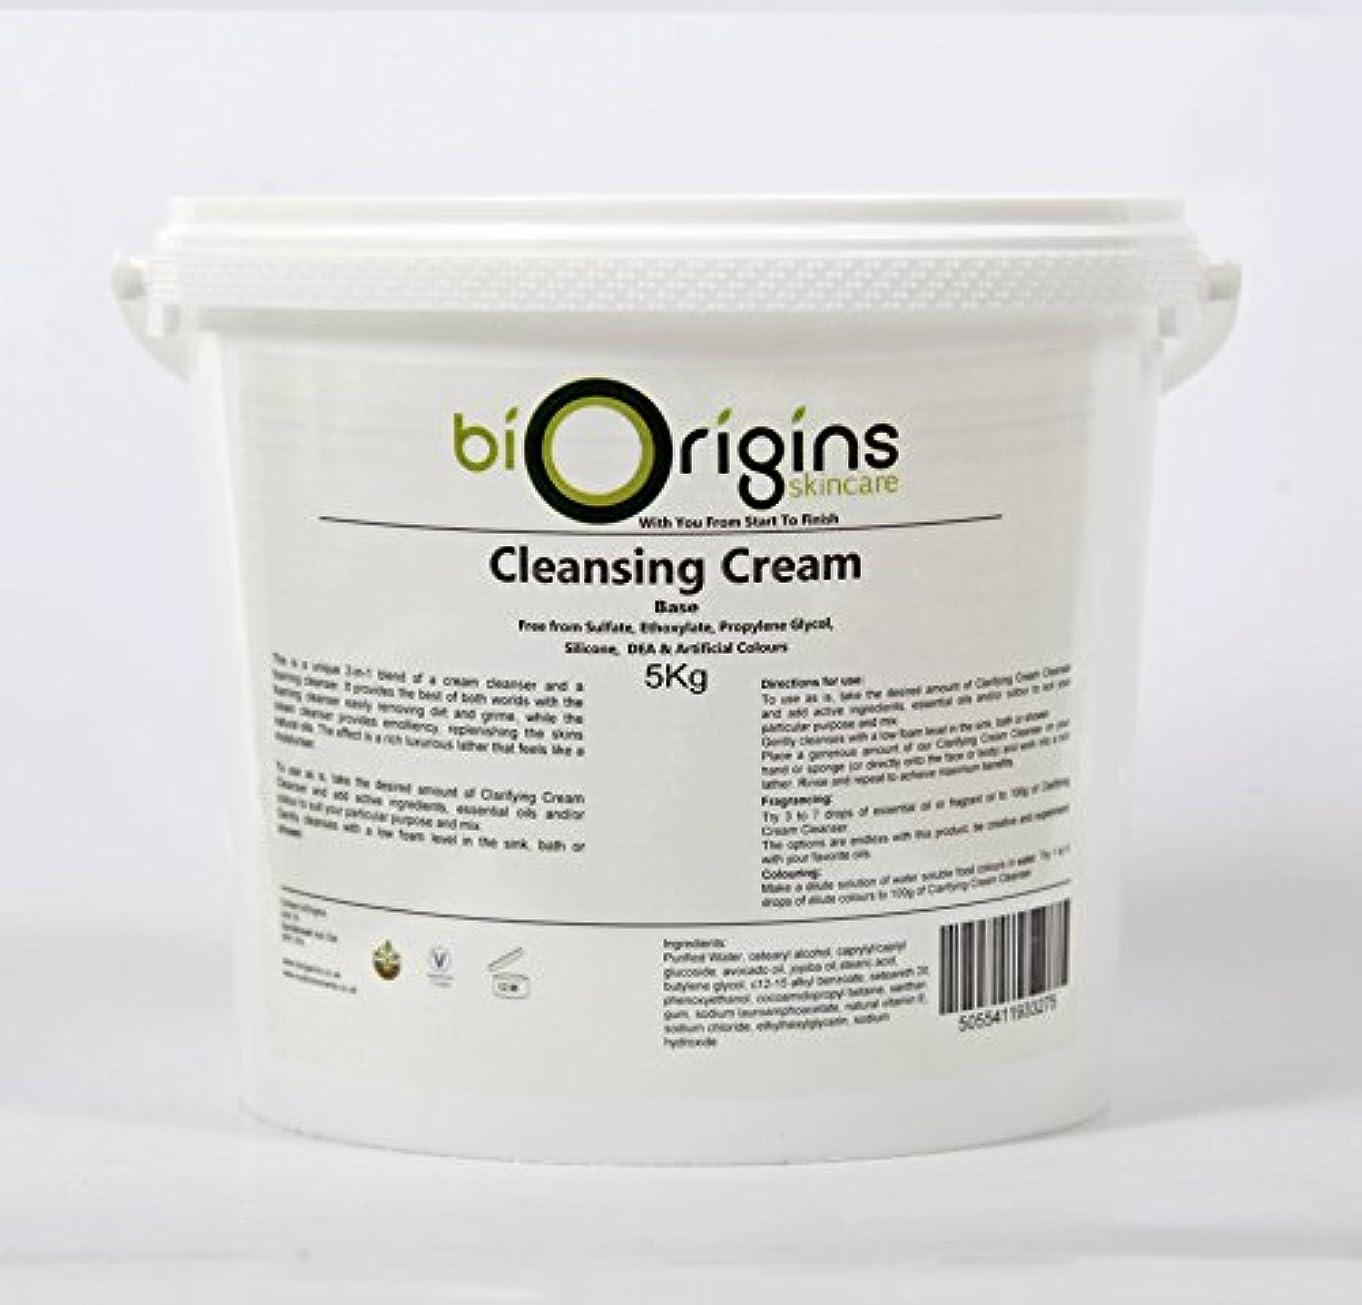 ライム民兵危険を冒しますClarifying Cleansing Cream - Botanical Skincare Base - 5Kg